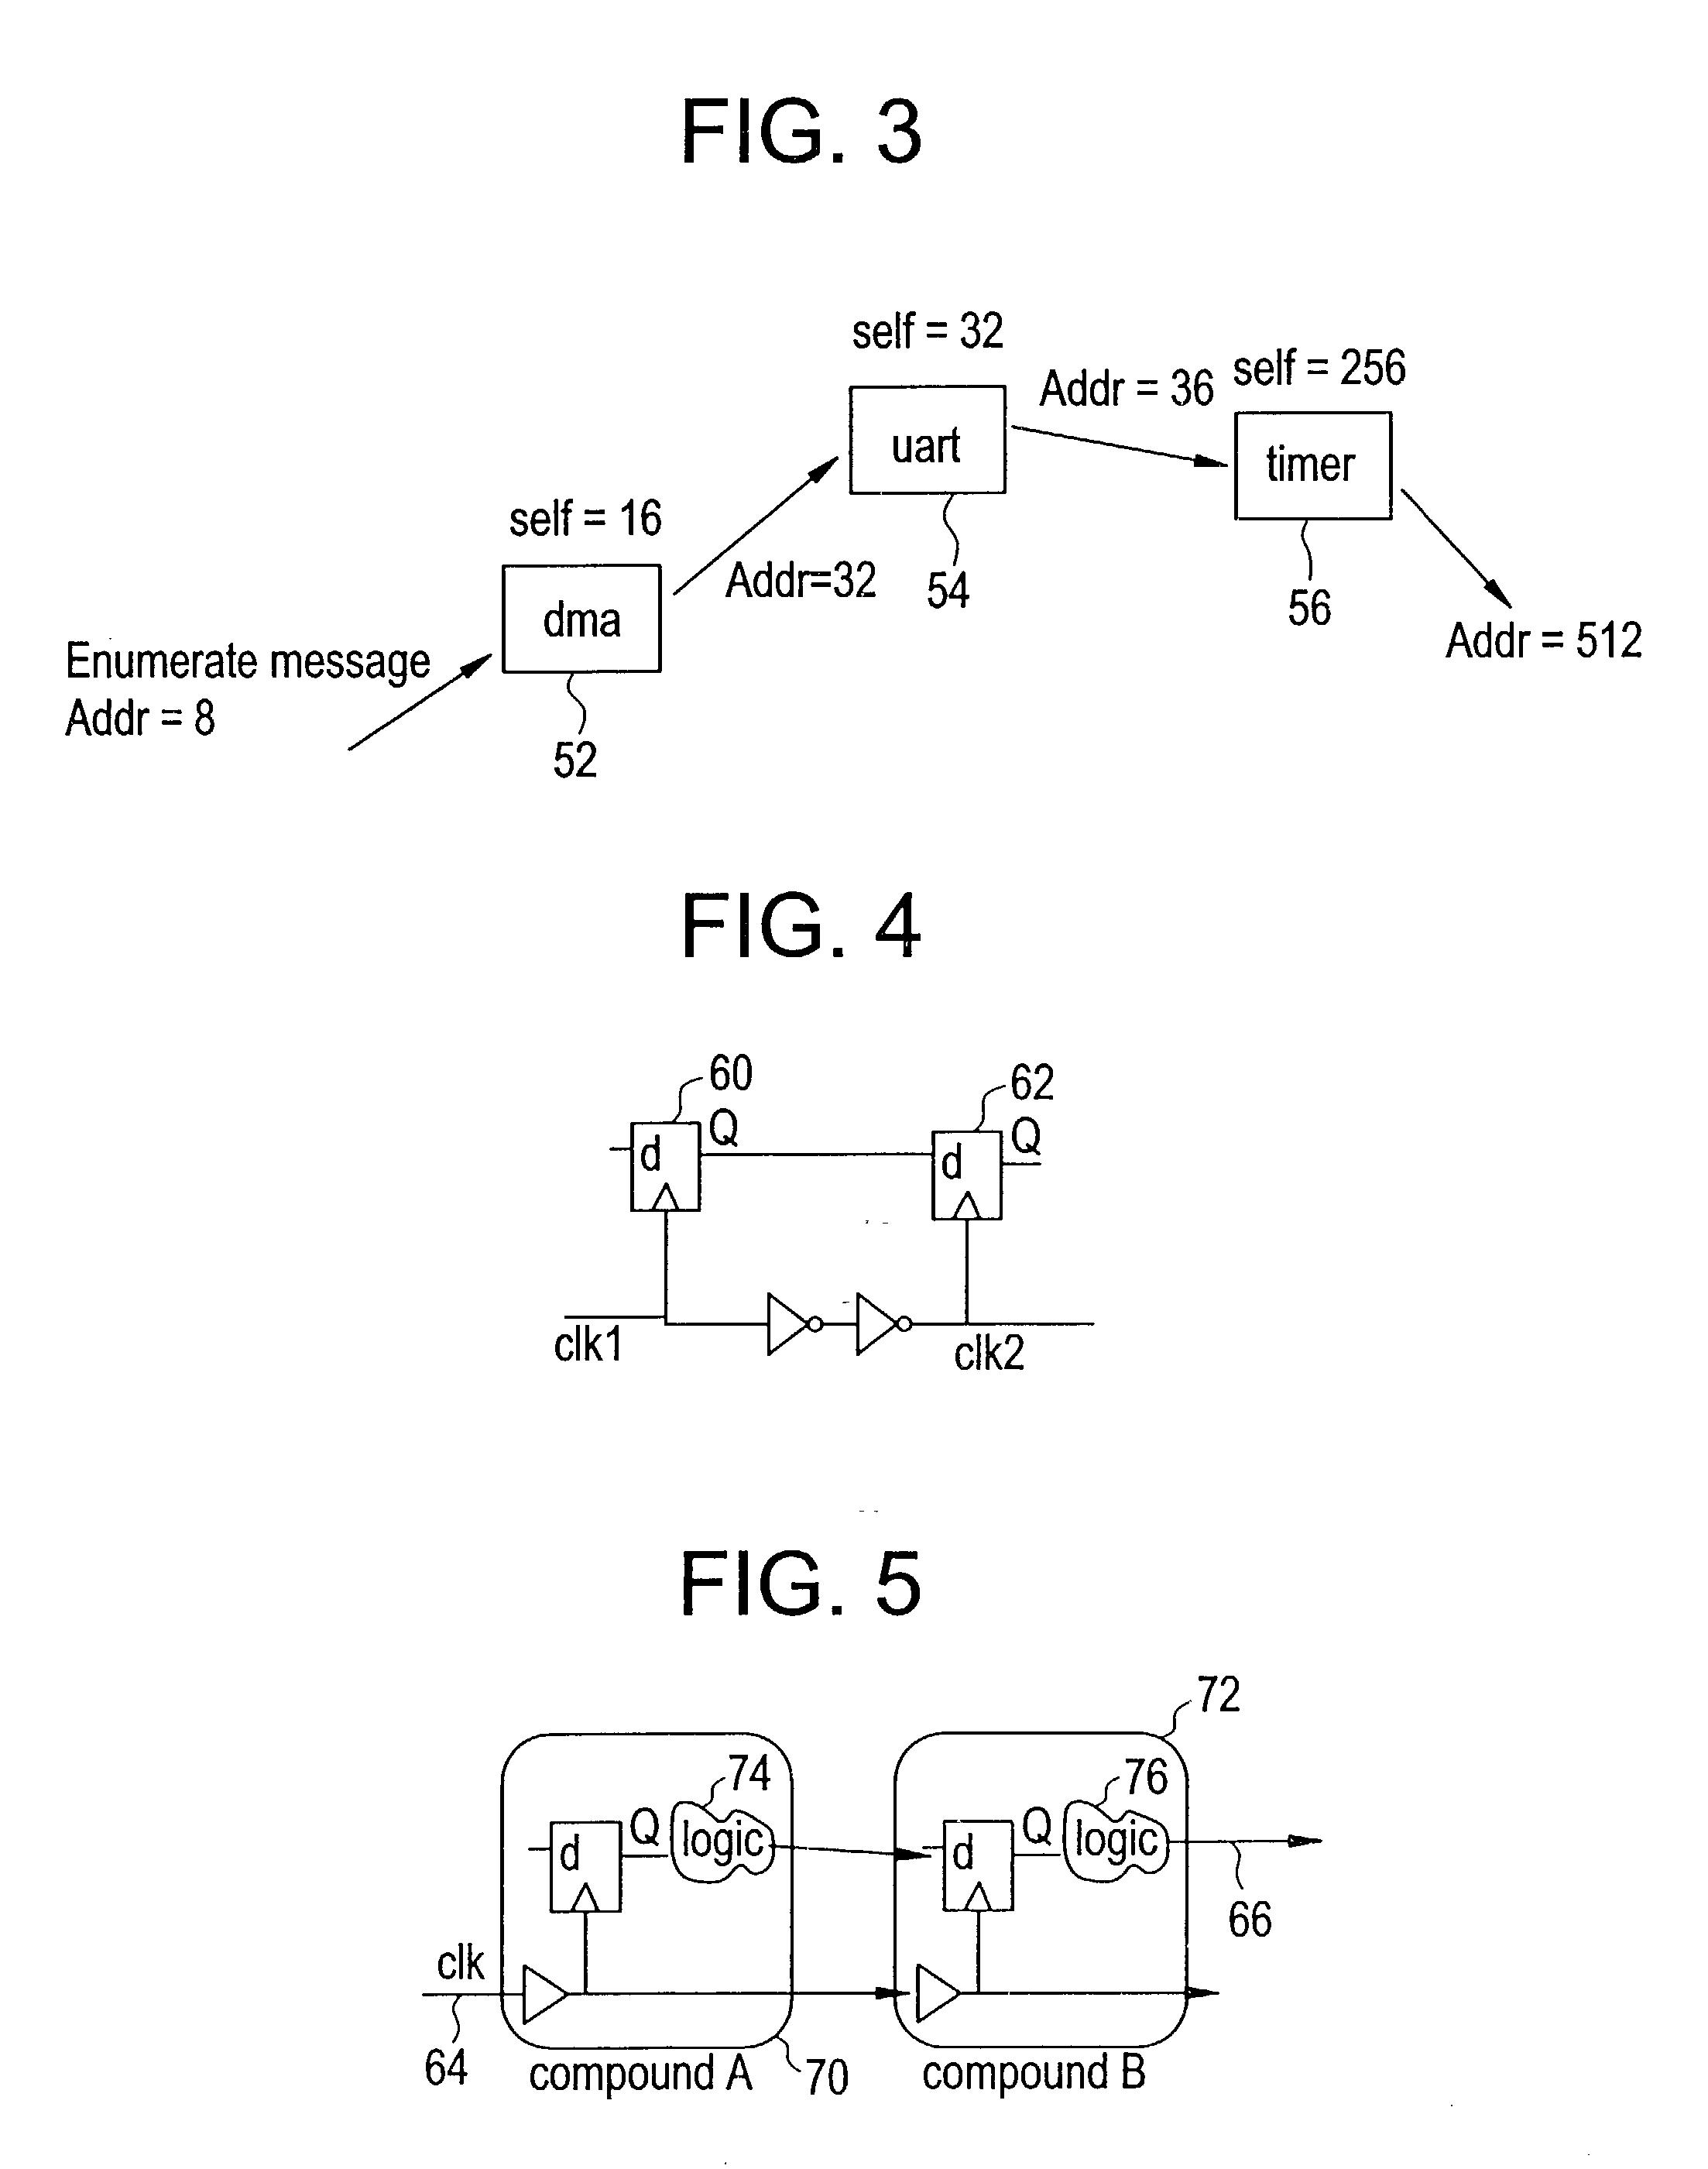 cpu alu registers ram wiring diagram database Alu Logic Diagram patent us20030196076 munications system using rings in puter arithmetic logic unit cpu alu registers ram